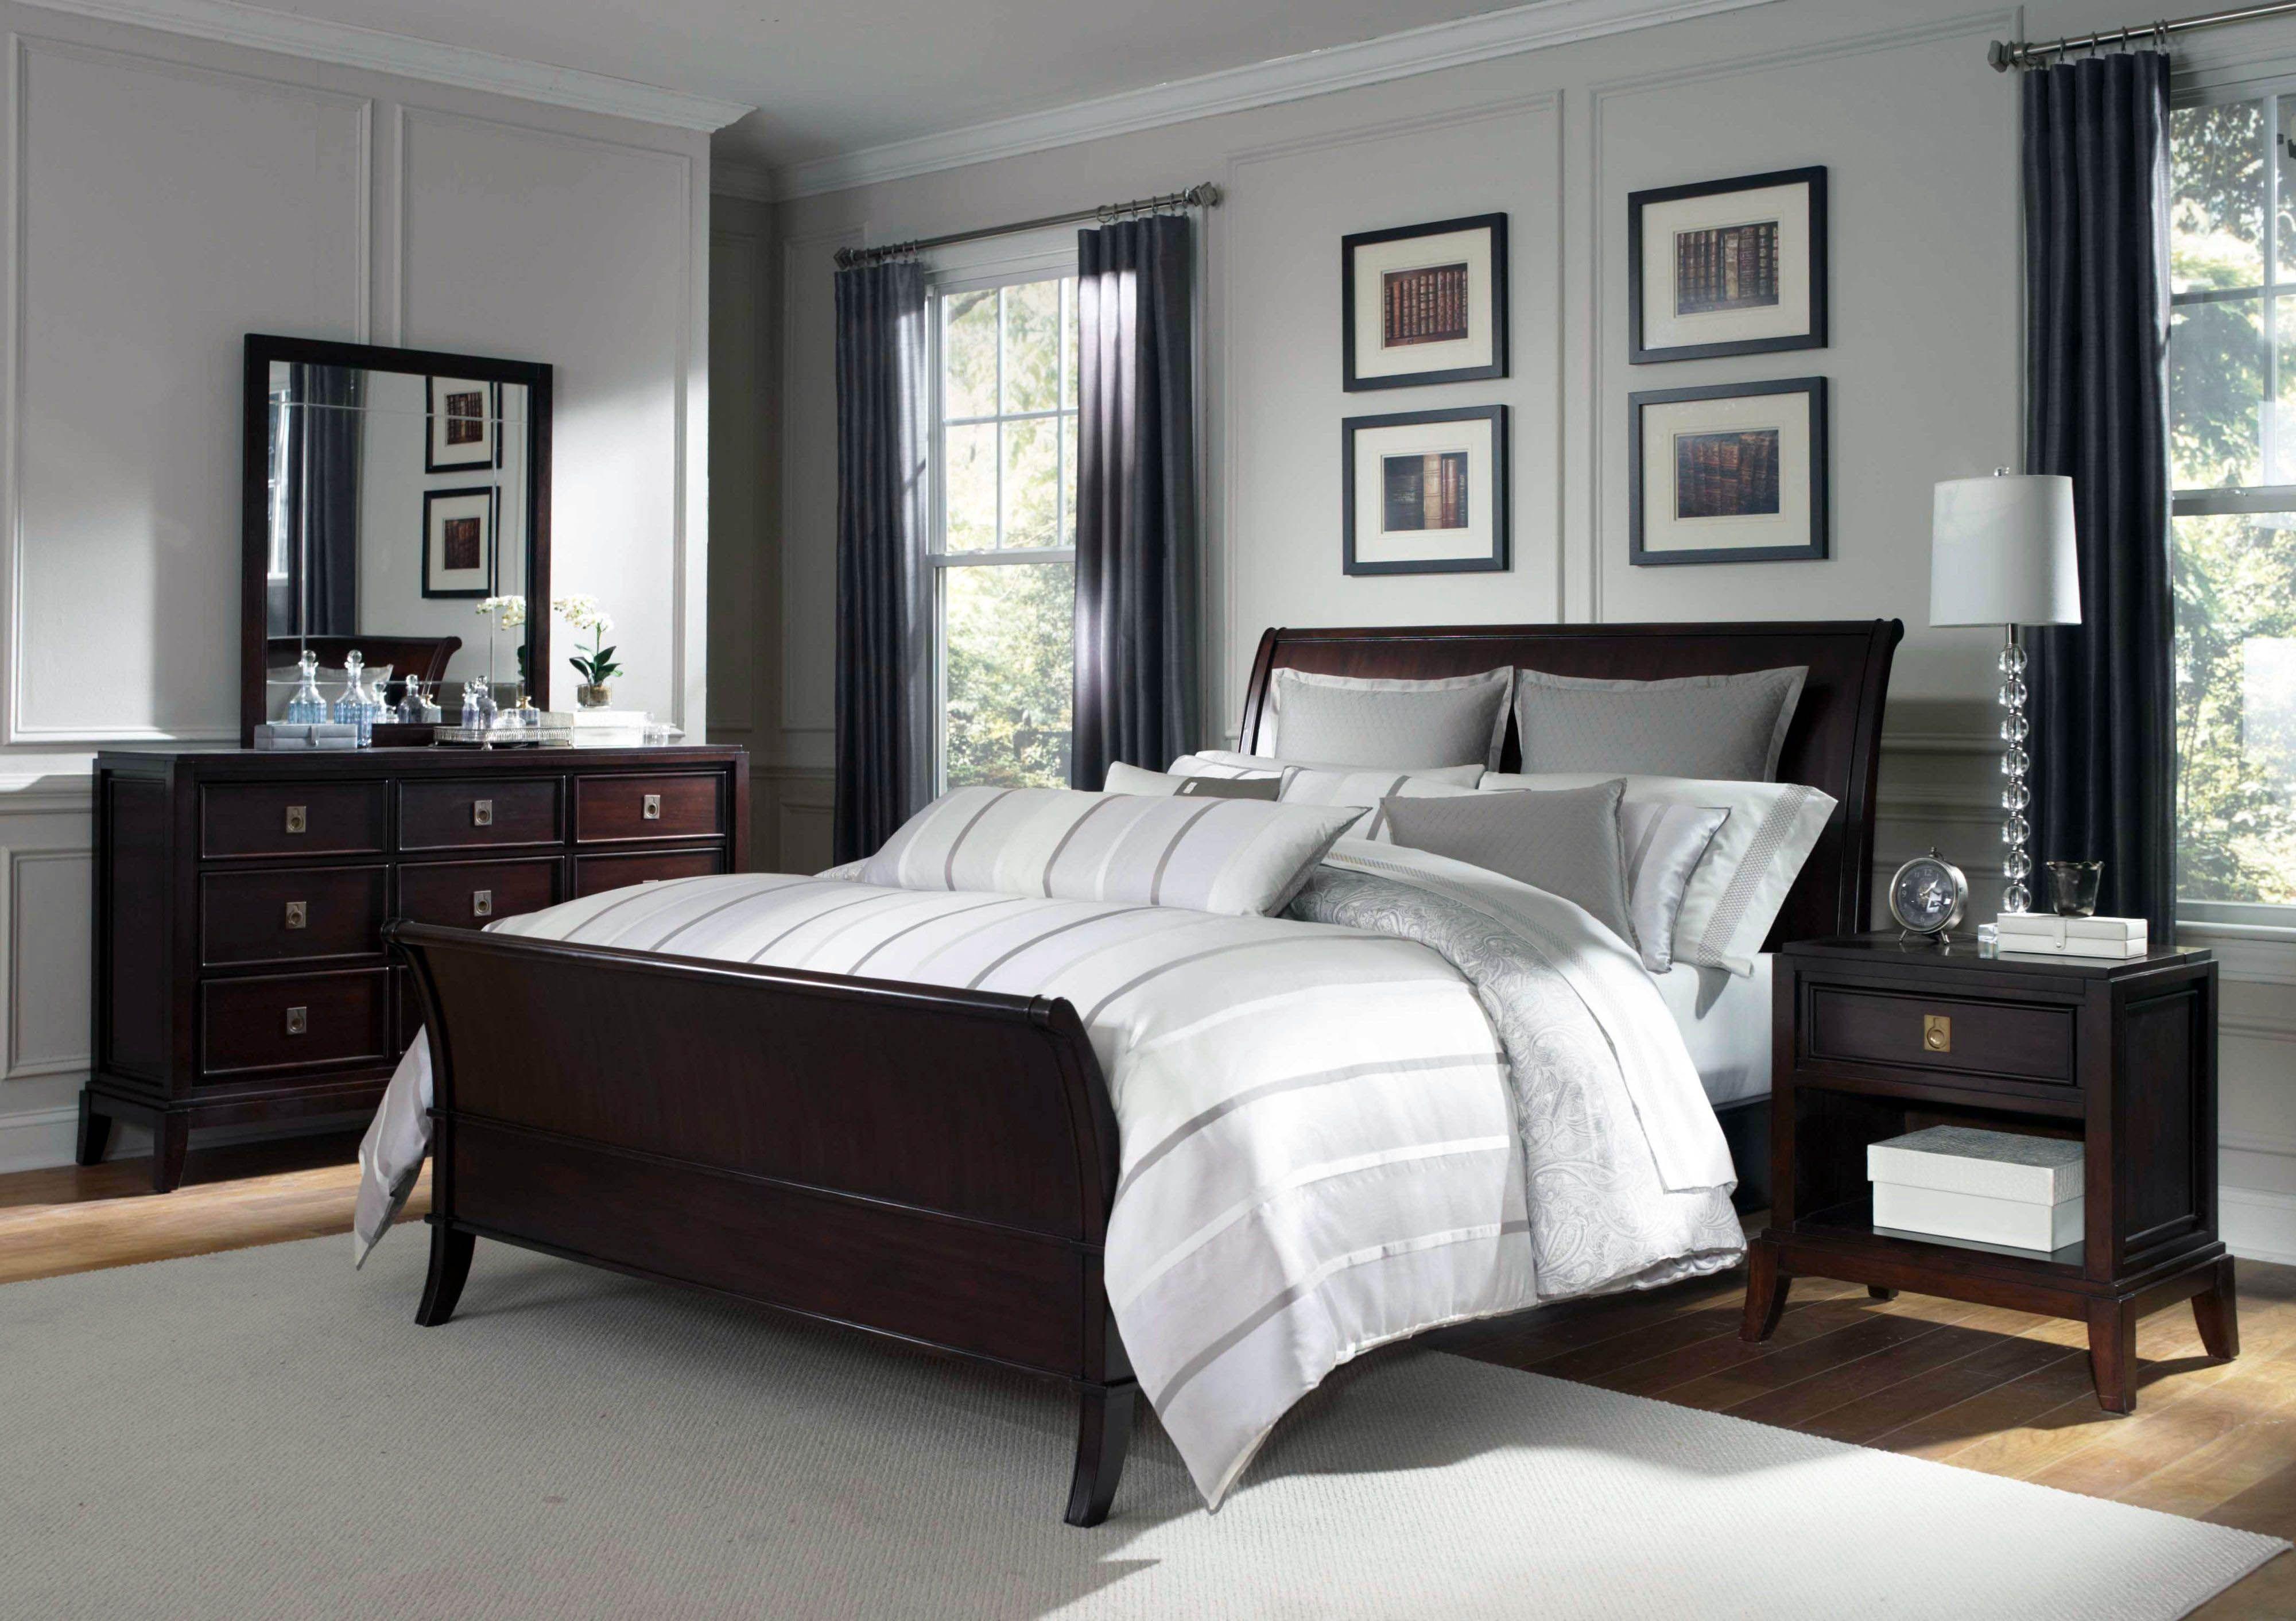 Our Favorite 4 Piece Bedroom Furniture Sets Uk For 2019 Brown Furniture Bedroom Dark Bedroom Furniture Wood Bedroom Furniture